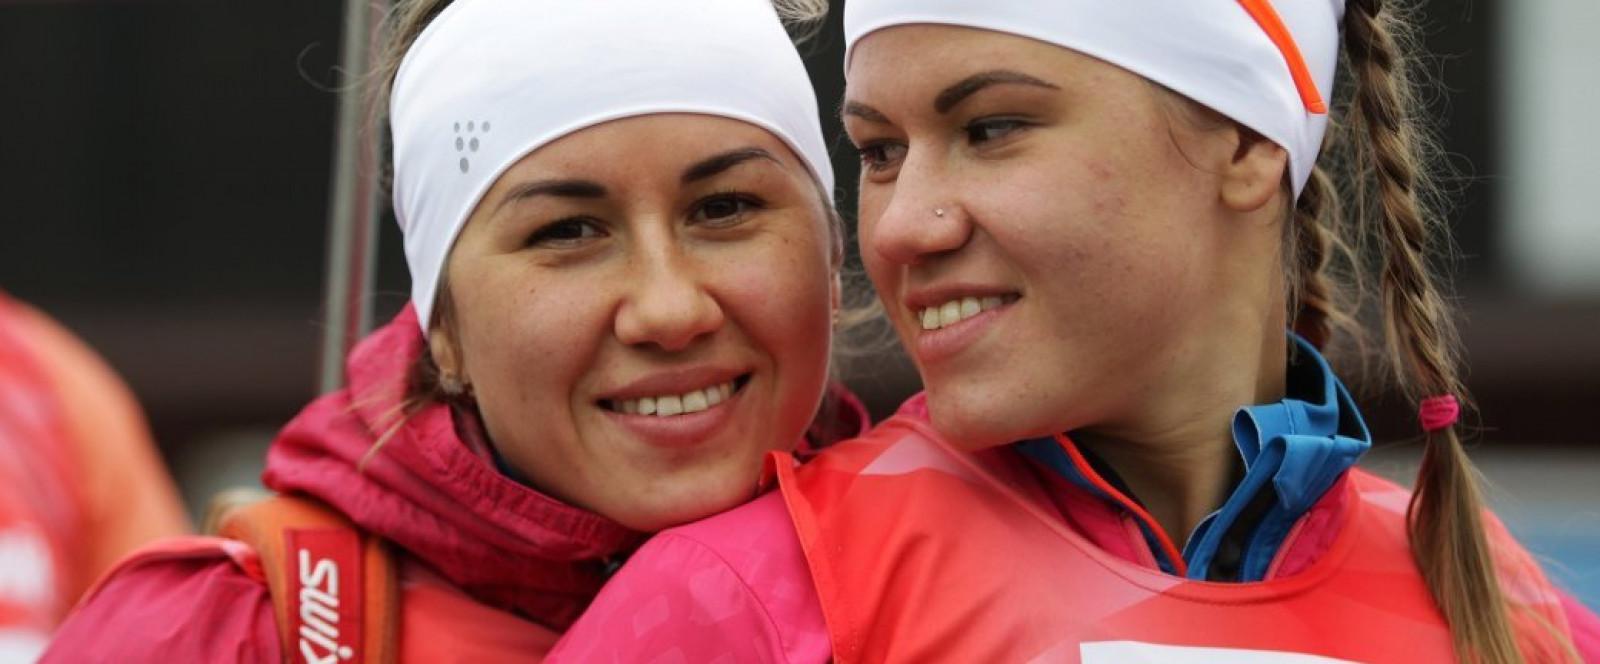 Сёстры Резцовы пропали из основной сборной